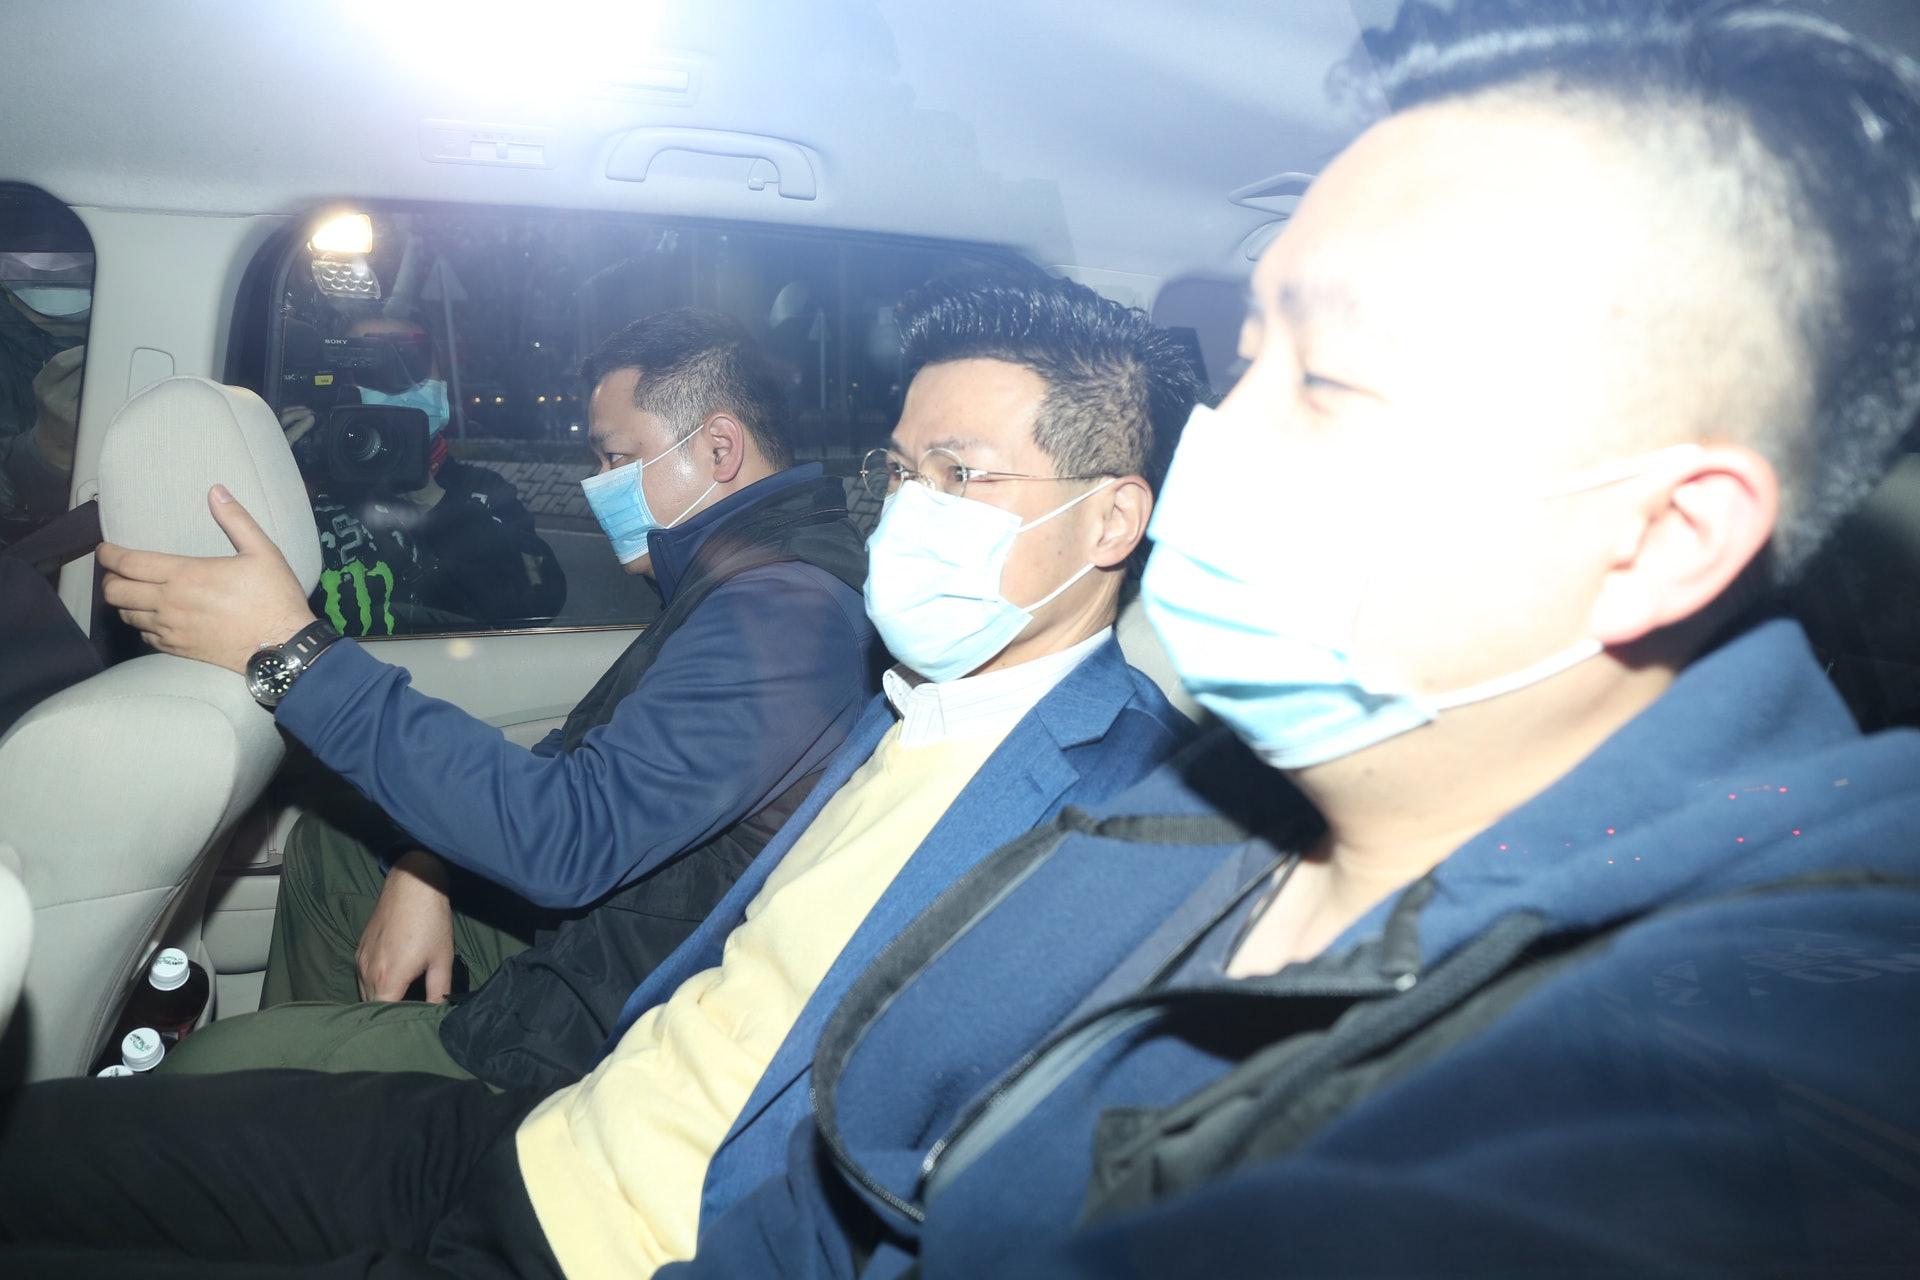 其中今早7時許,范國威被探員鎖上手銬,登上警方車輛進入將軍澳警署。(張家豪攝)